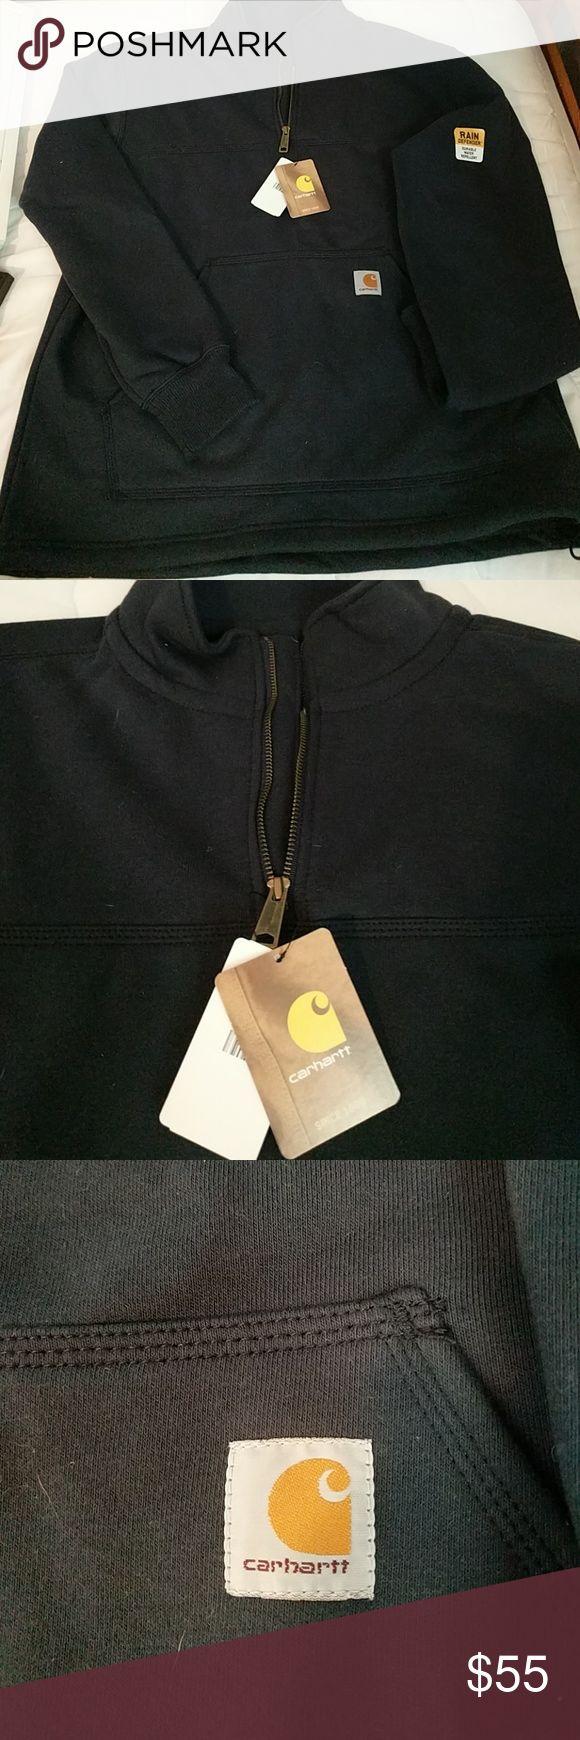 Mens Carhartt Jacket. New price!! Half Zip pullover sweatshirt. Front pocket. Brand new, Never worn!! Carhartt Jackets & Coats Lightweight & Shirt Jackets